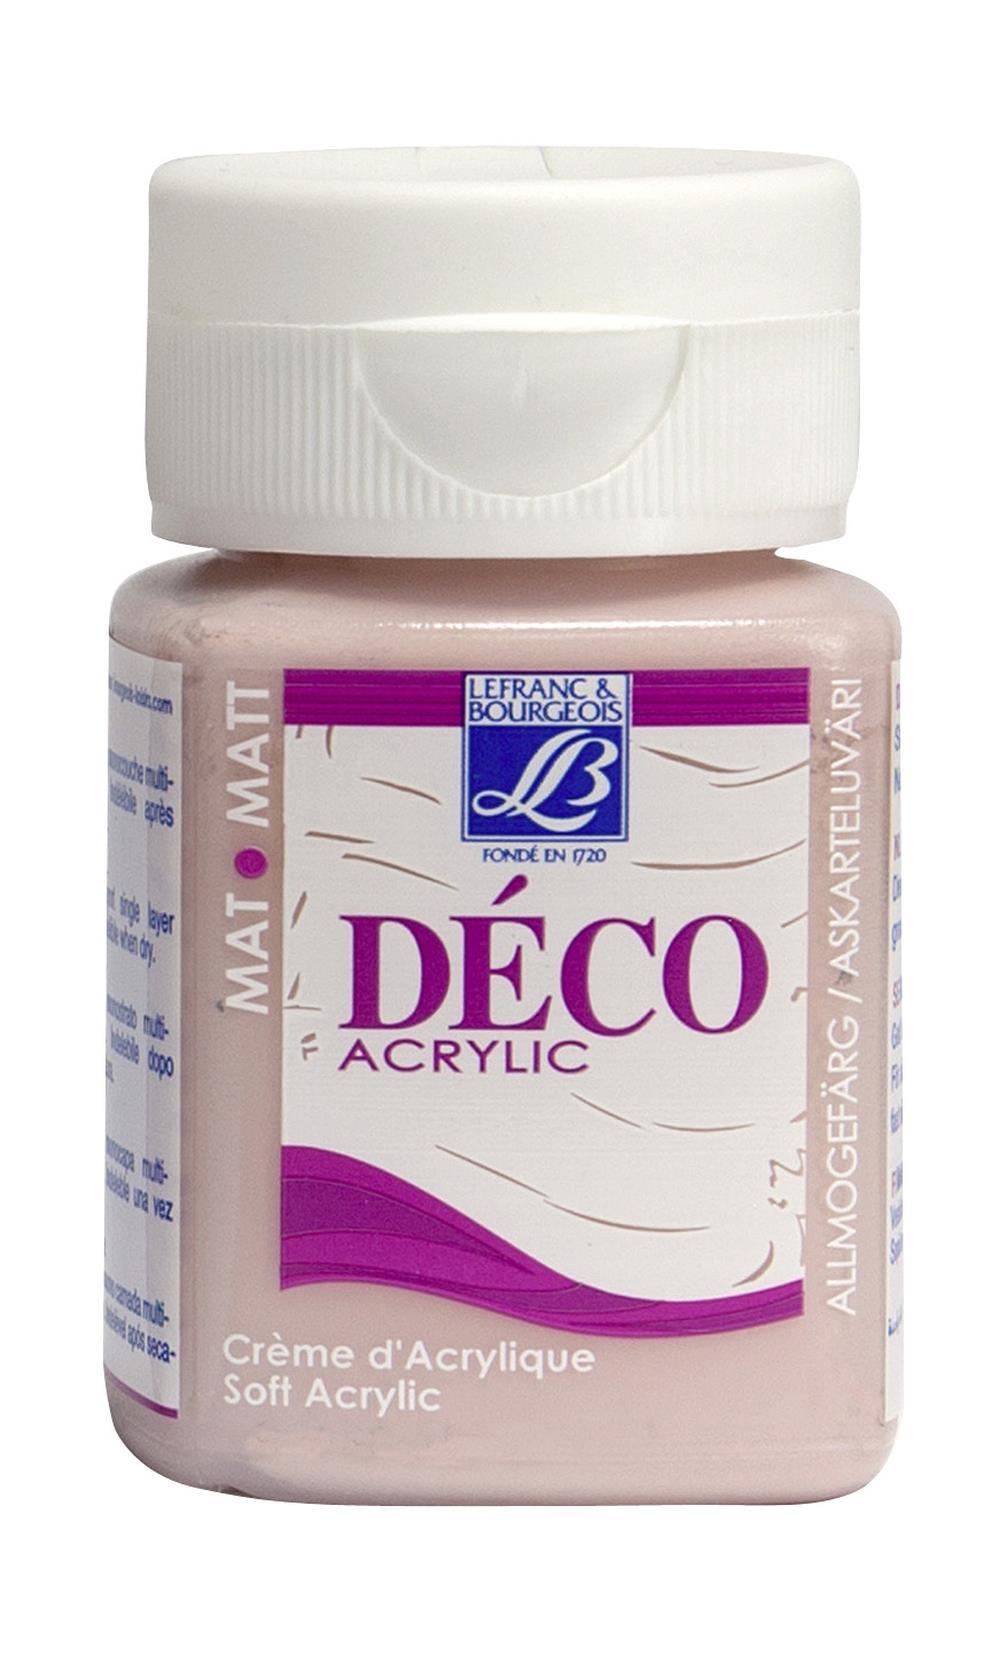 Hobbyfärg L&B Deco Matt Akryl 50ml Tender pink warm 317 (4F) utgått